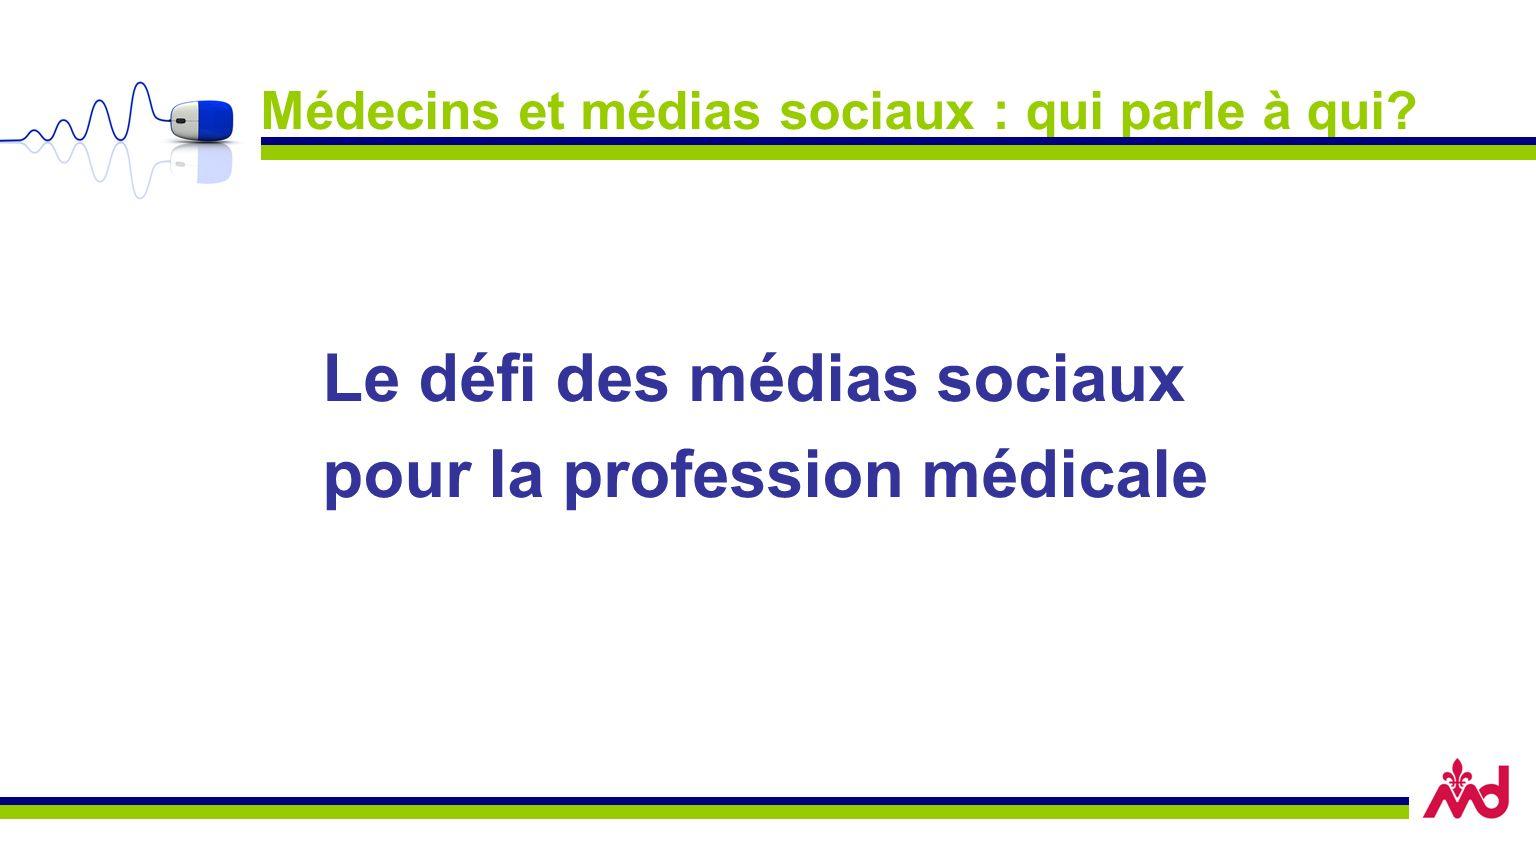 Médecins et médias sociaux : qui parle à qui? Le défi des médias sociaux pour la profession médicale